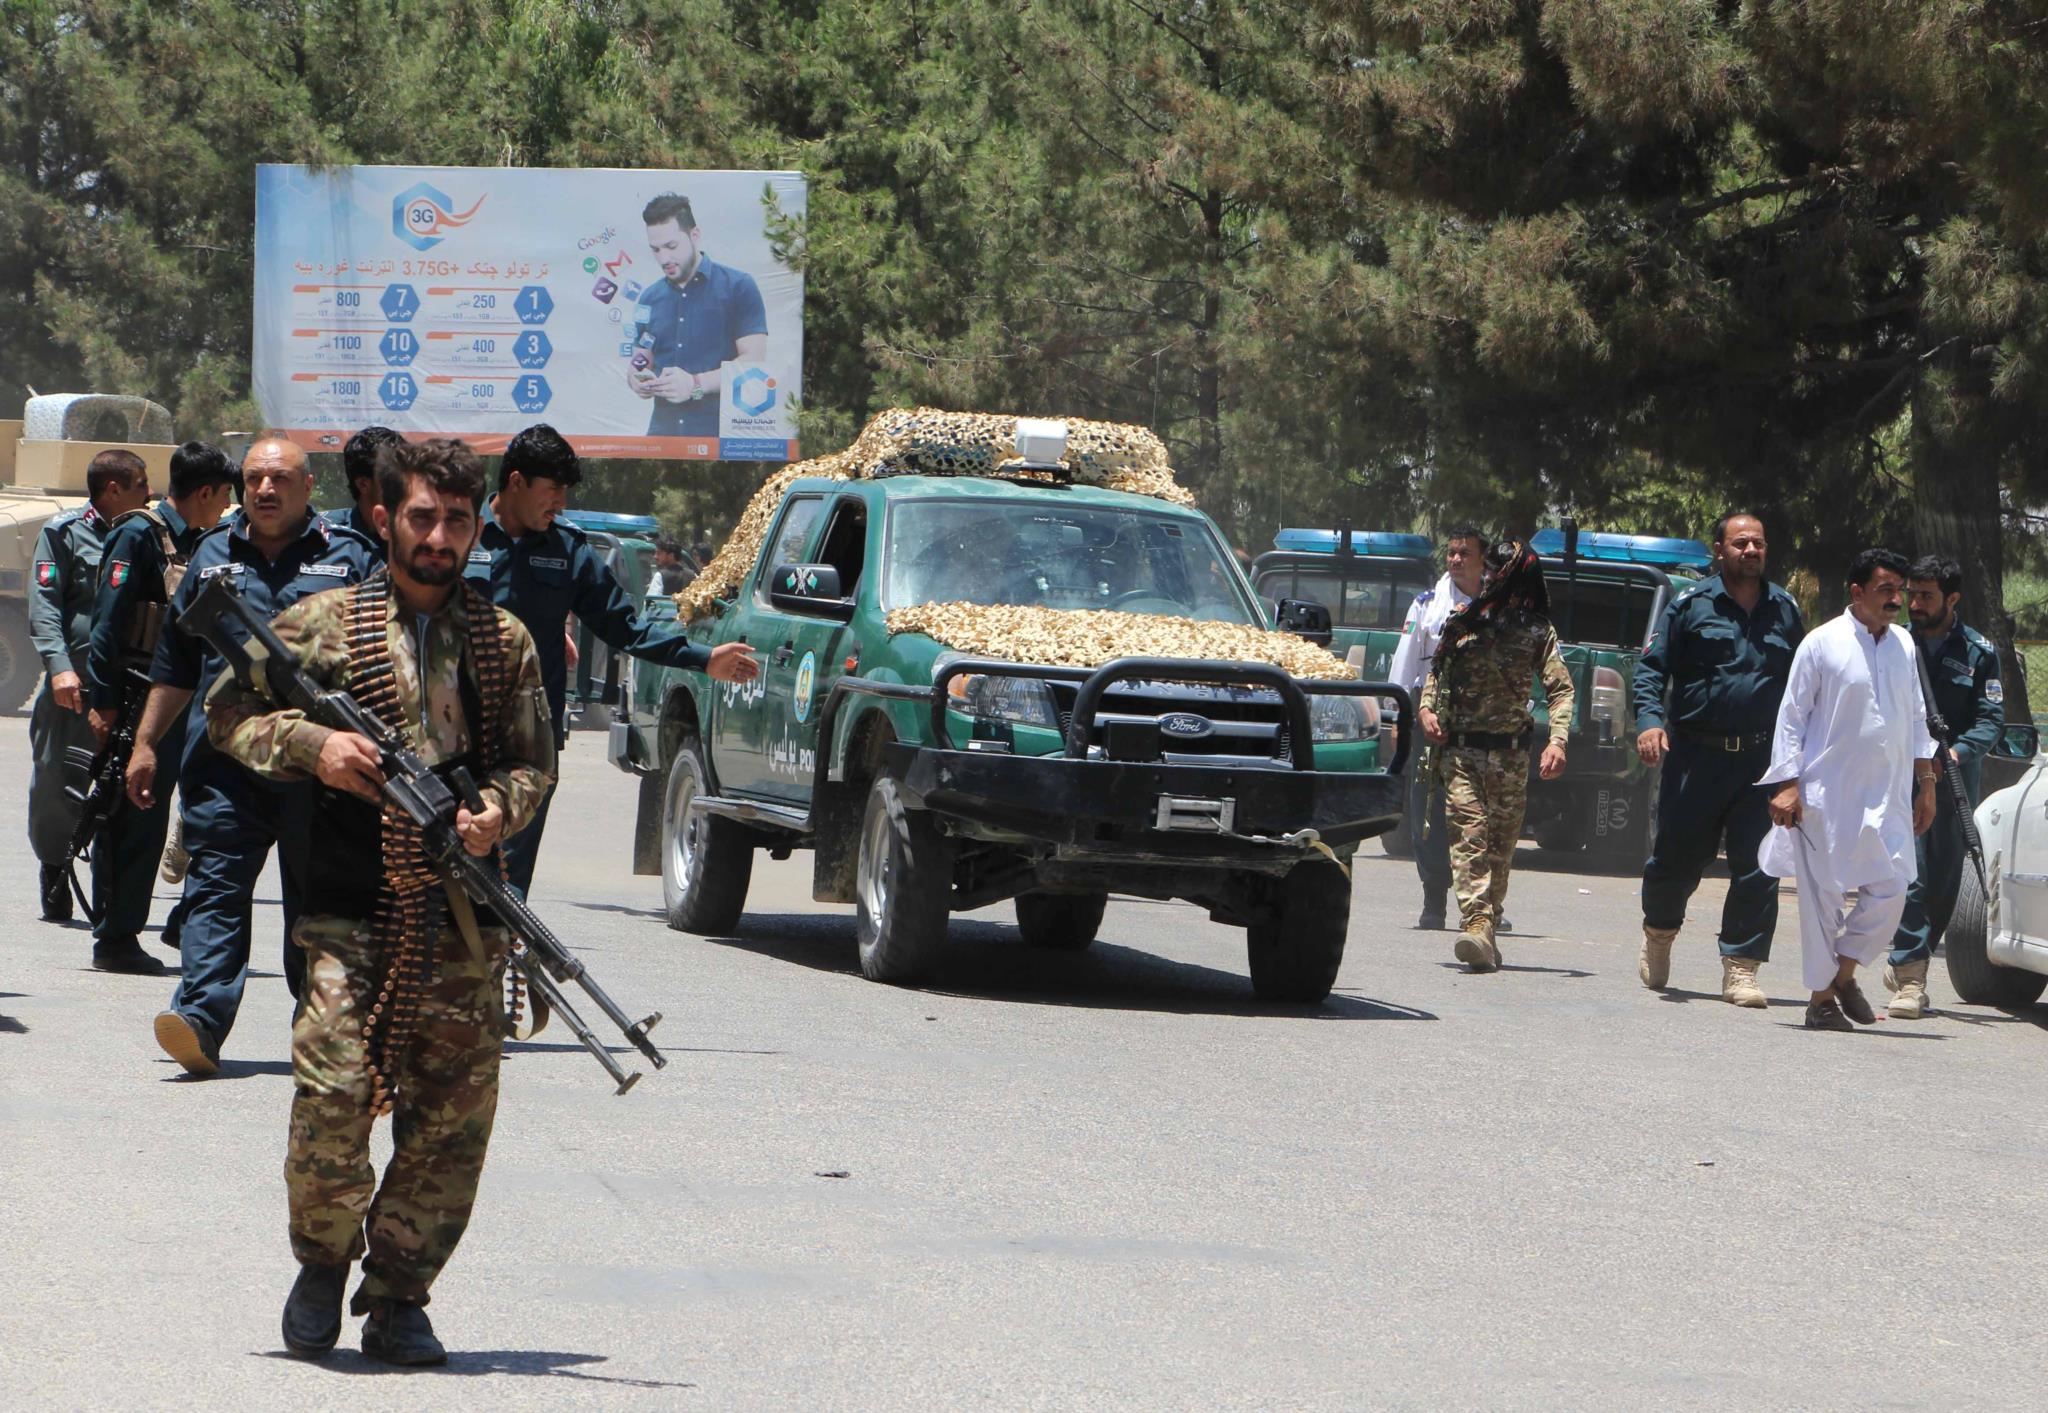 PÚBLICO - Pelo menos 29 mortos e 50 feridos em atentado suicida no Afeganistão